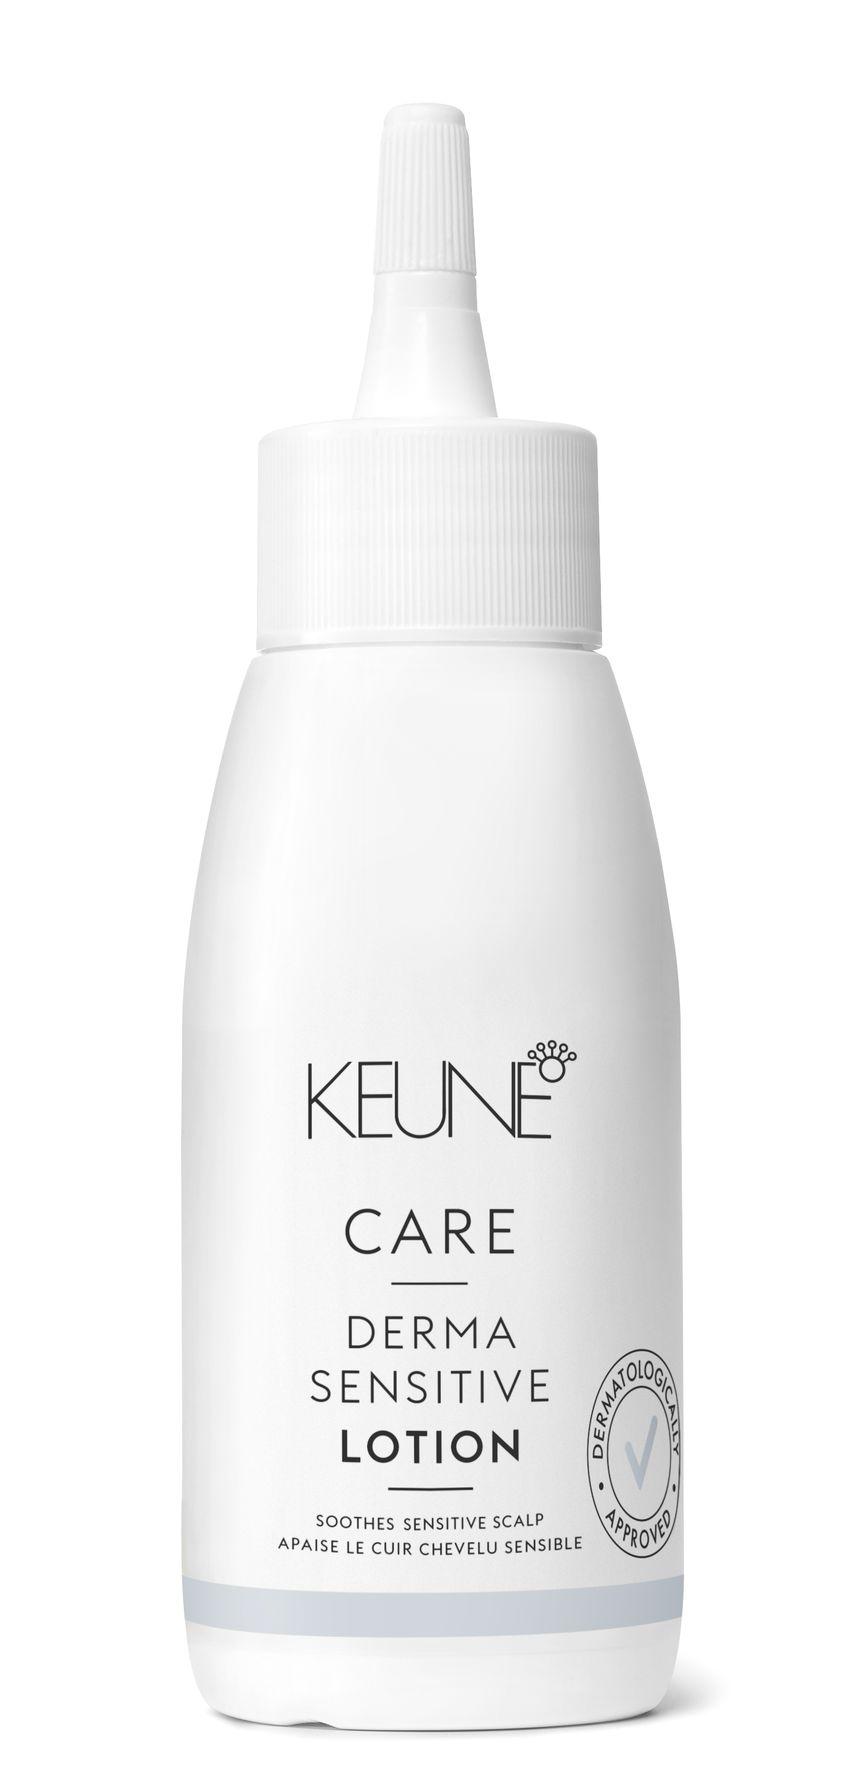 KEUNE Лосьон для чувствительной кожи головы / CARE DERMA SENSITIVE LOTION 75 мл  - Купить